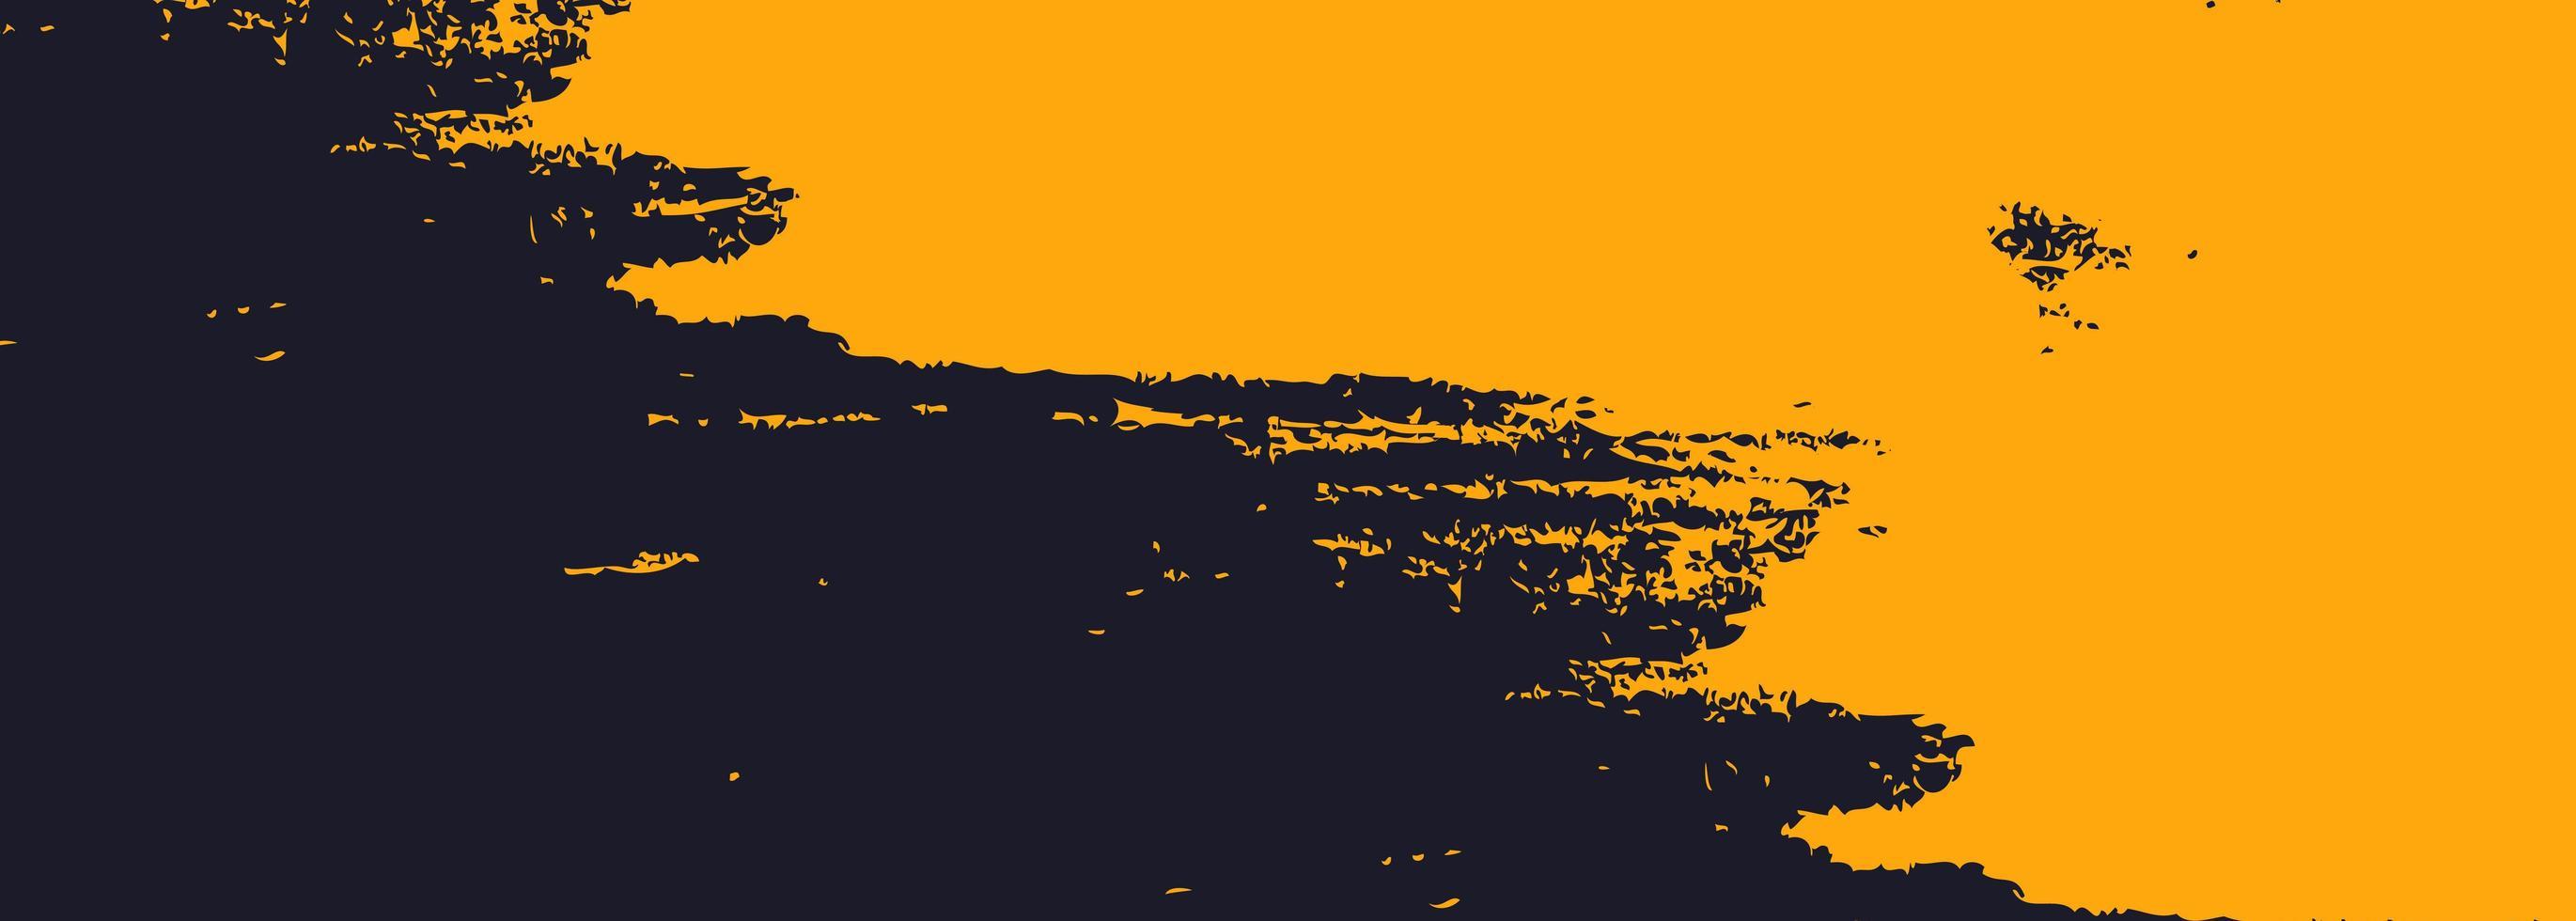 diseño de banner acuarela abstracta naranja y negro vector